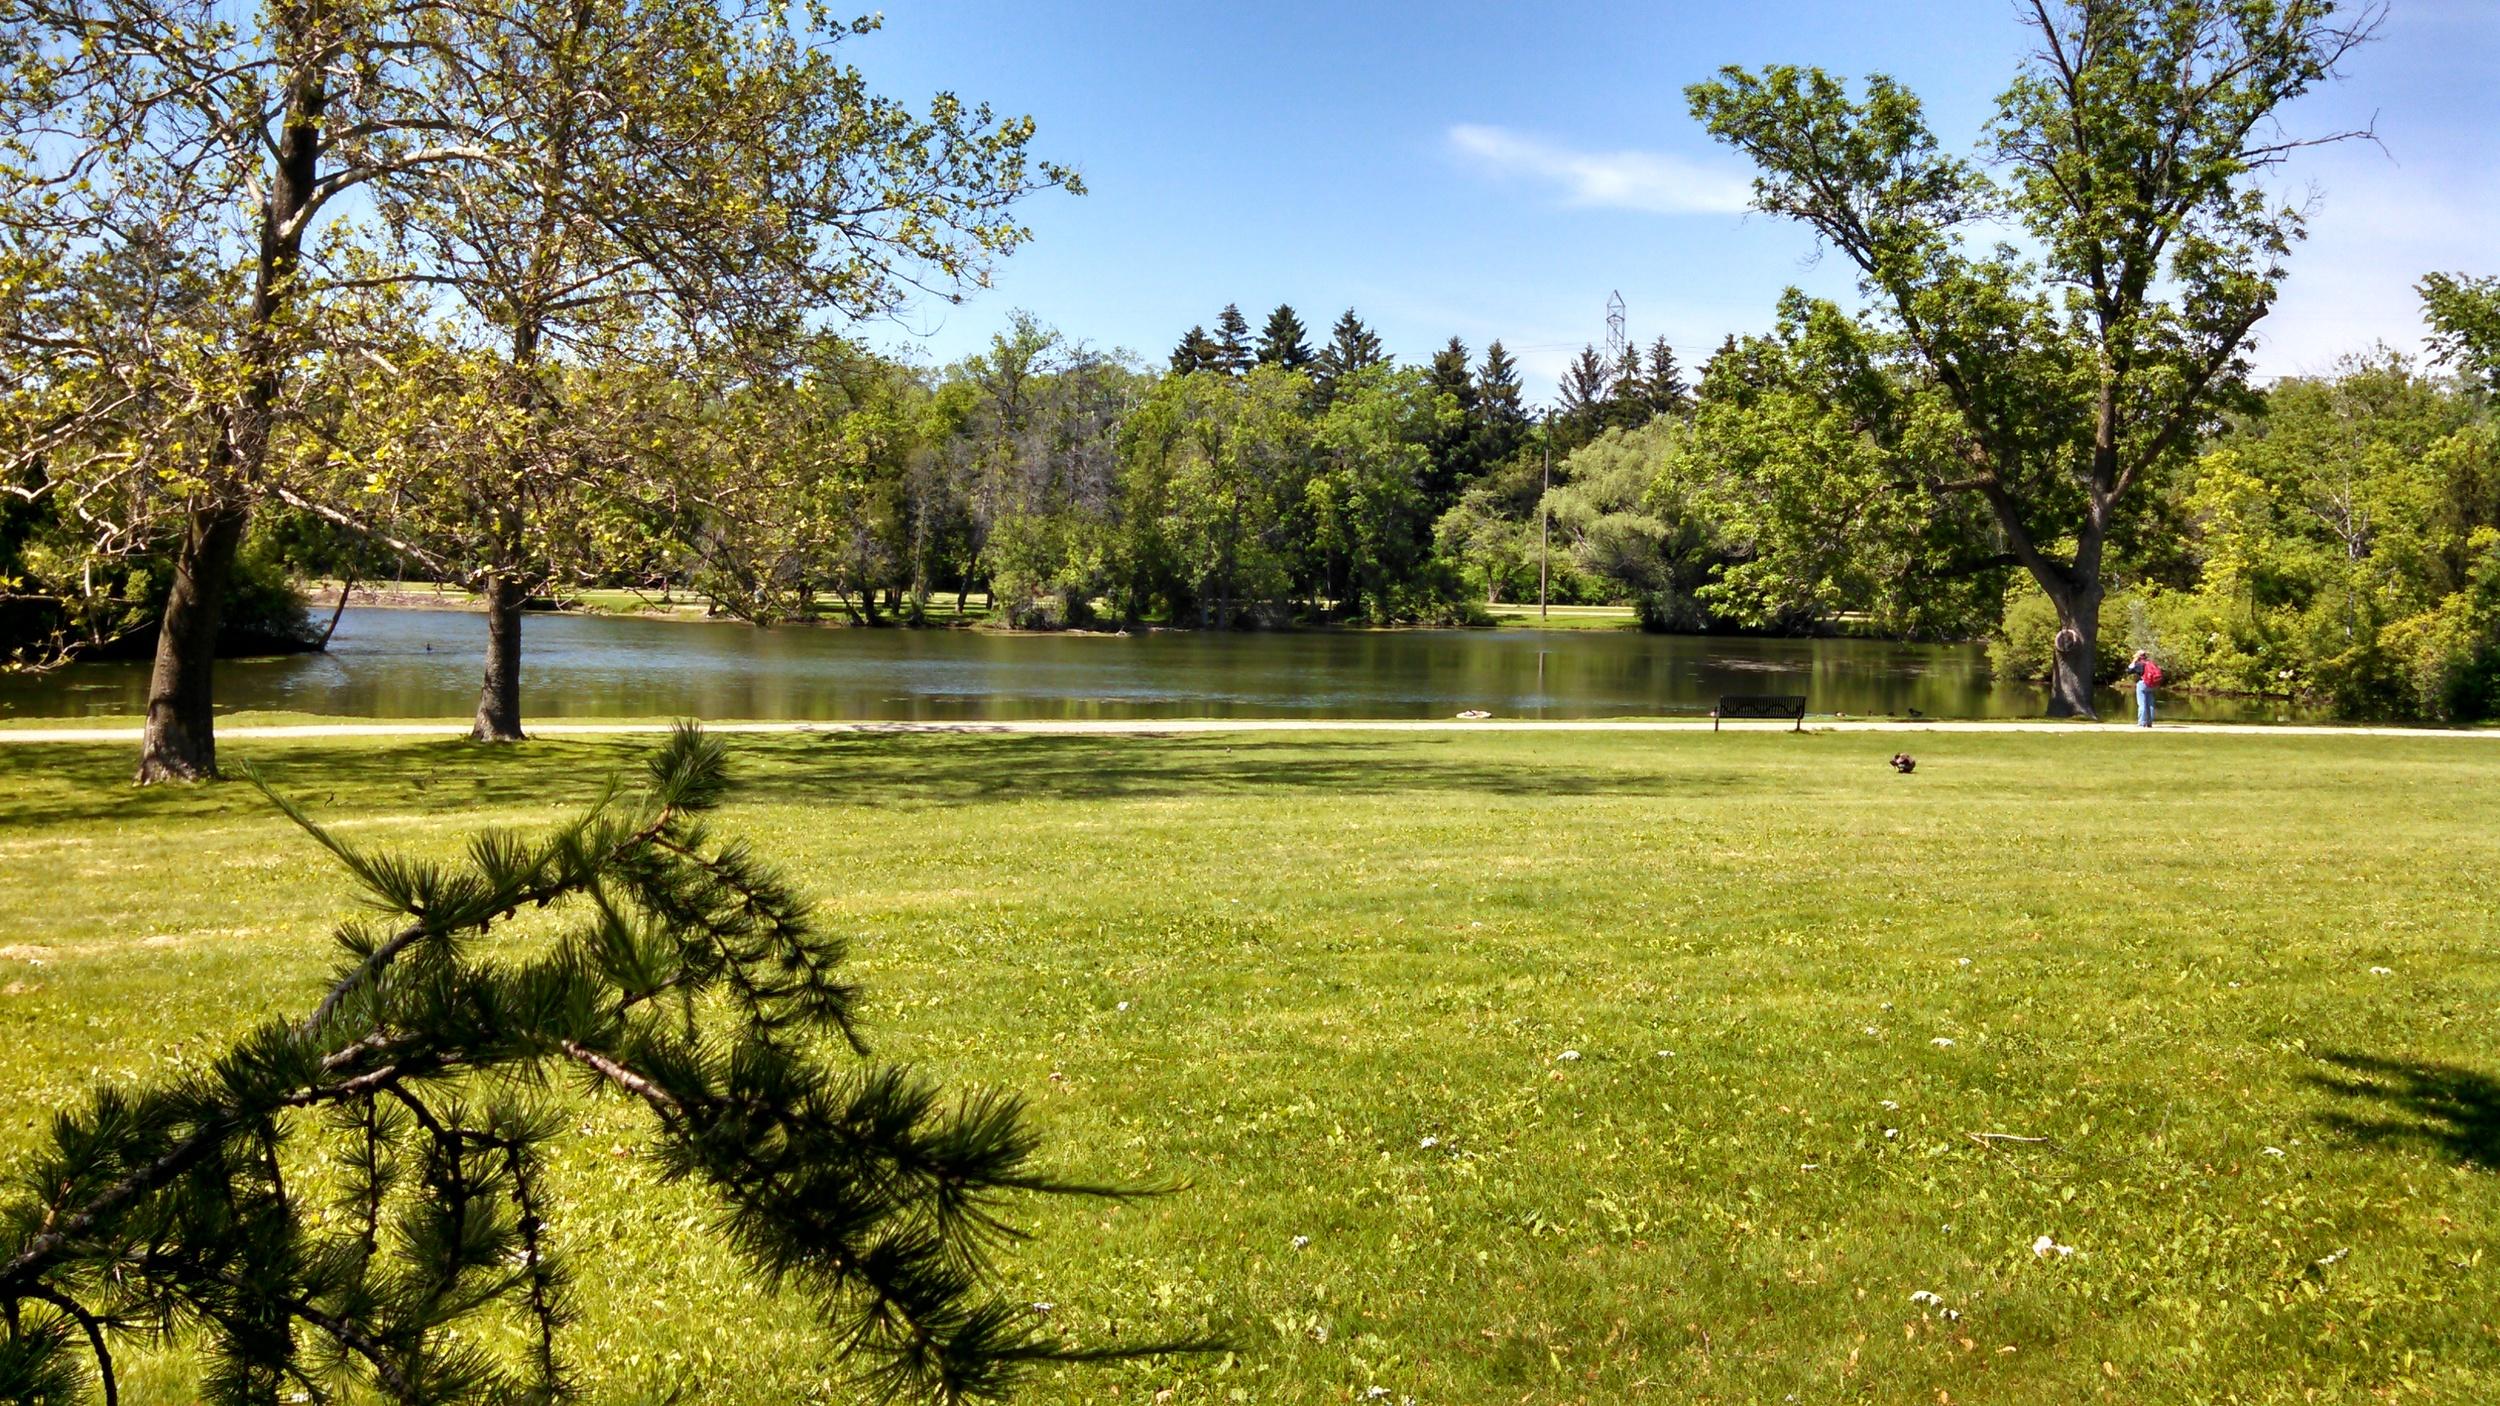 park pic 3.jpg